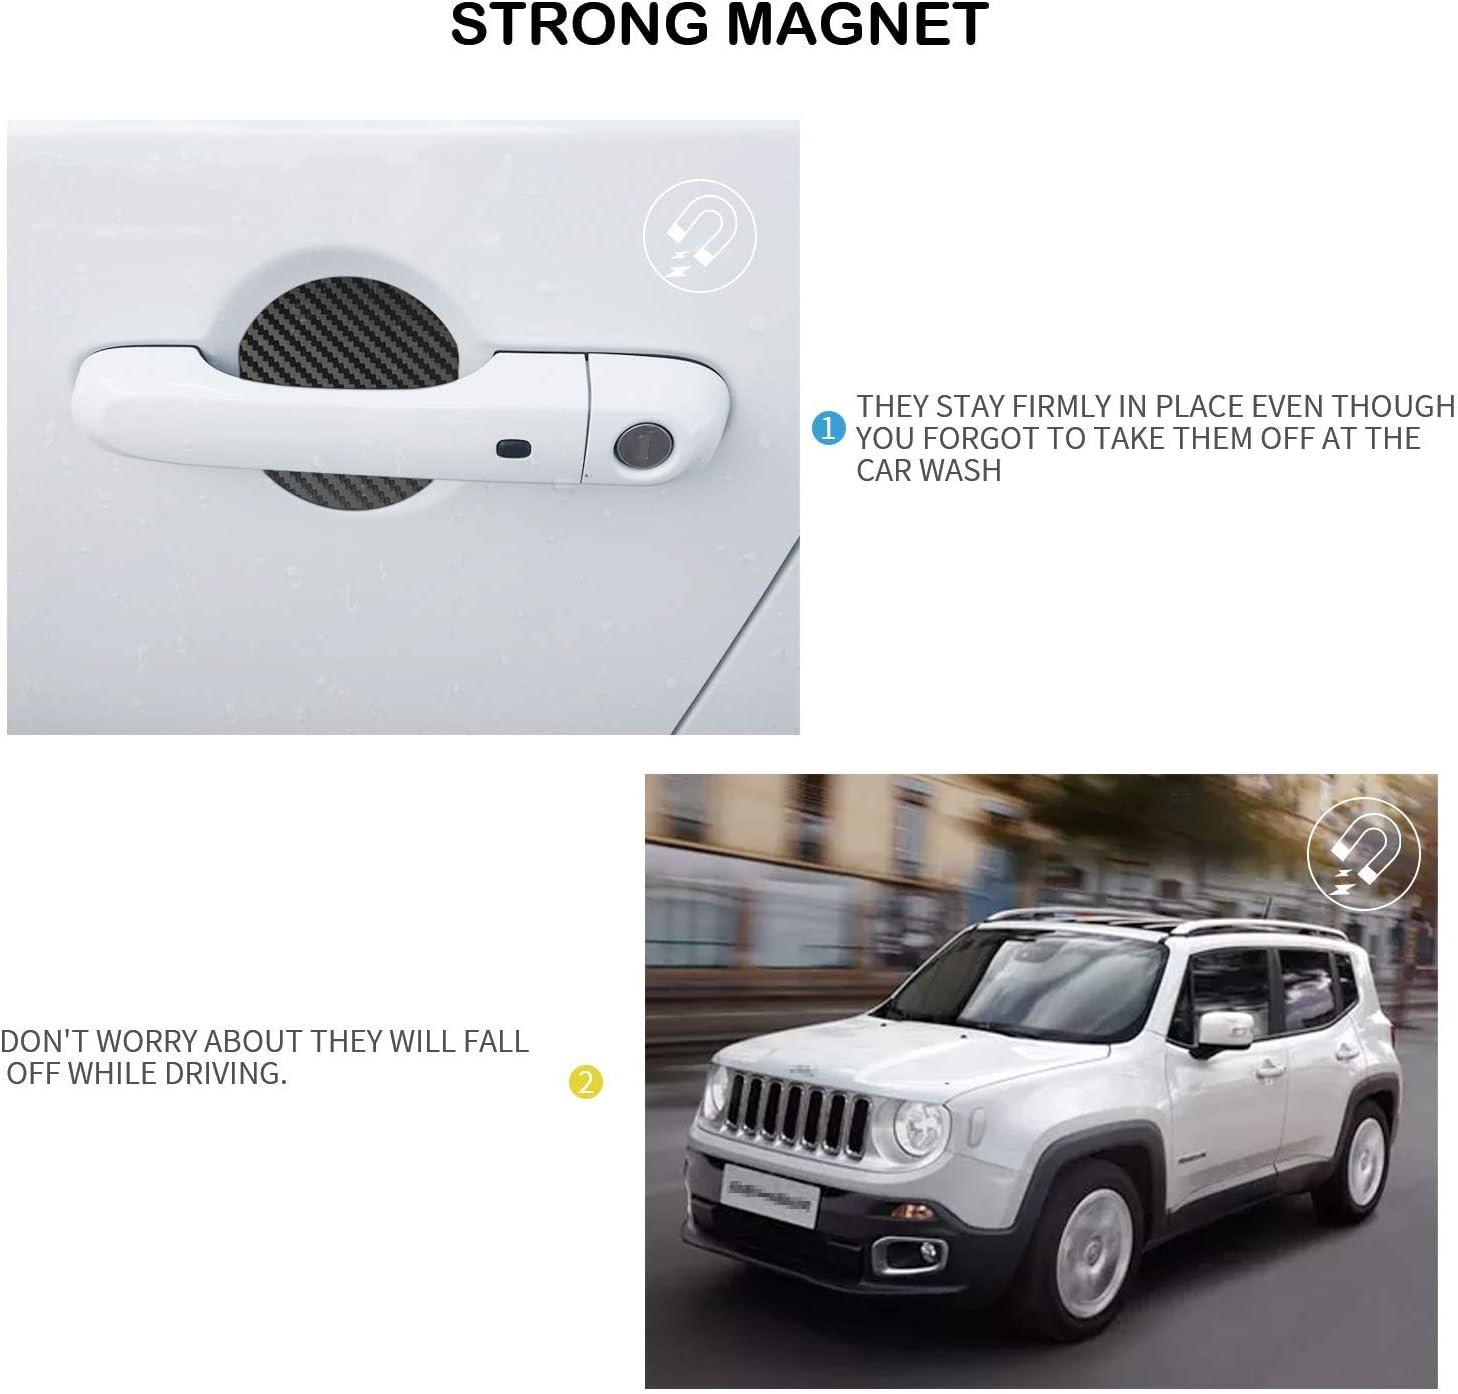 Mling Auto Magnetisch Türgriffmulde Schutz Kratzfest Türgriffmulde Abdeckung 4 Stück Kompatibel Für Renegade 2015 2020 Schwarz Auto